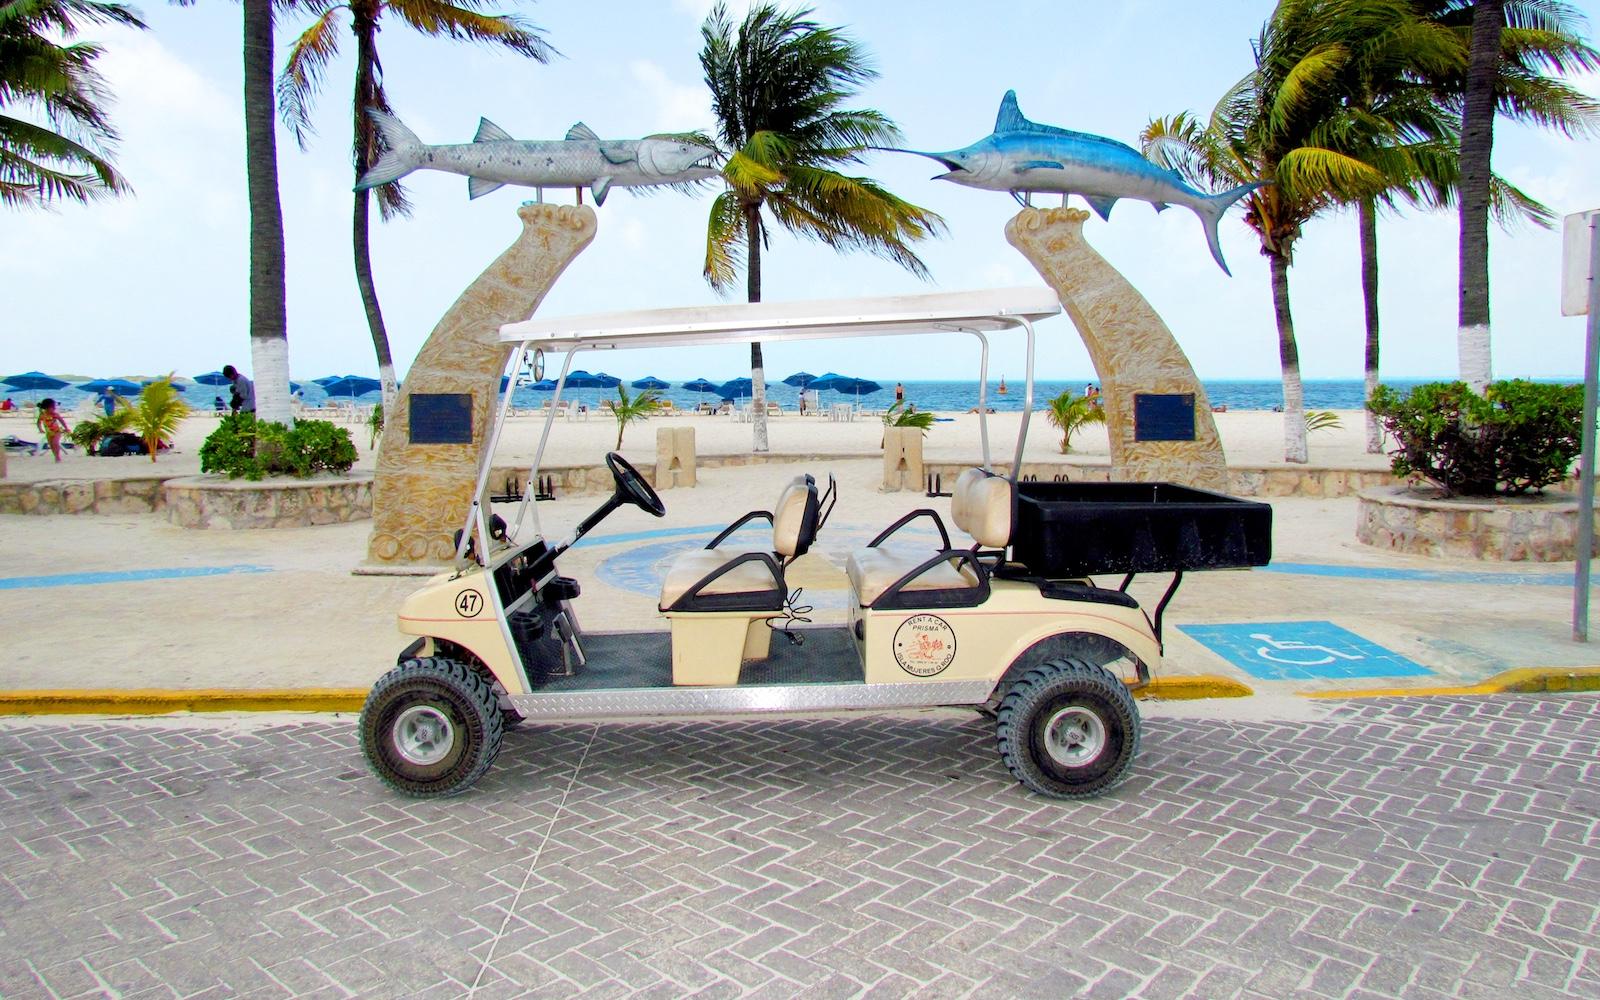 Isla-Mujeres-Golf-Carts-Rentals-Prisma